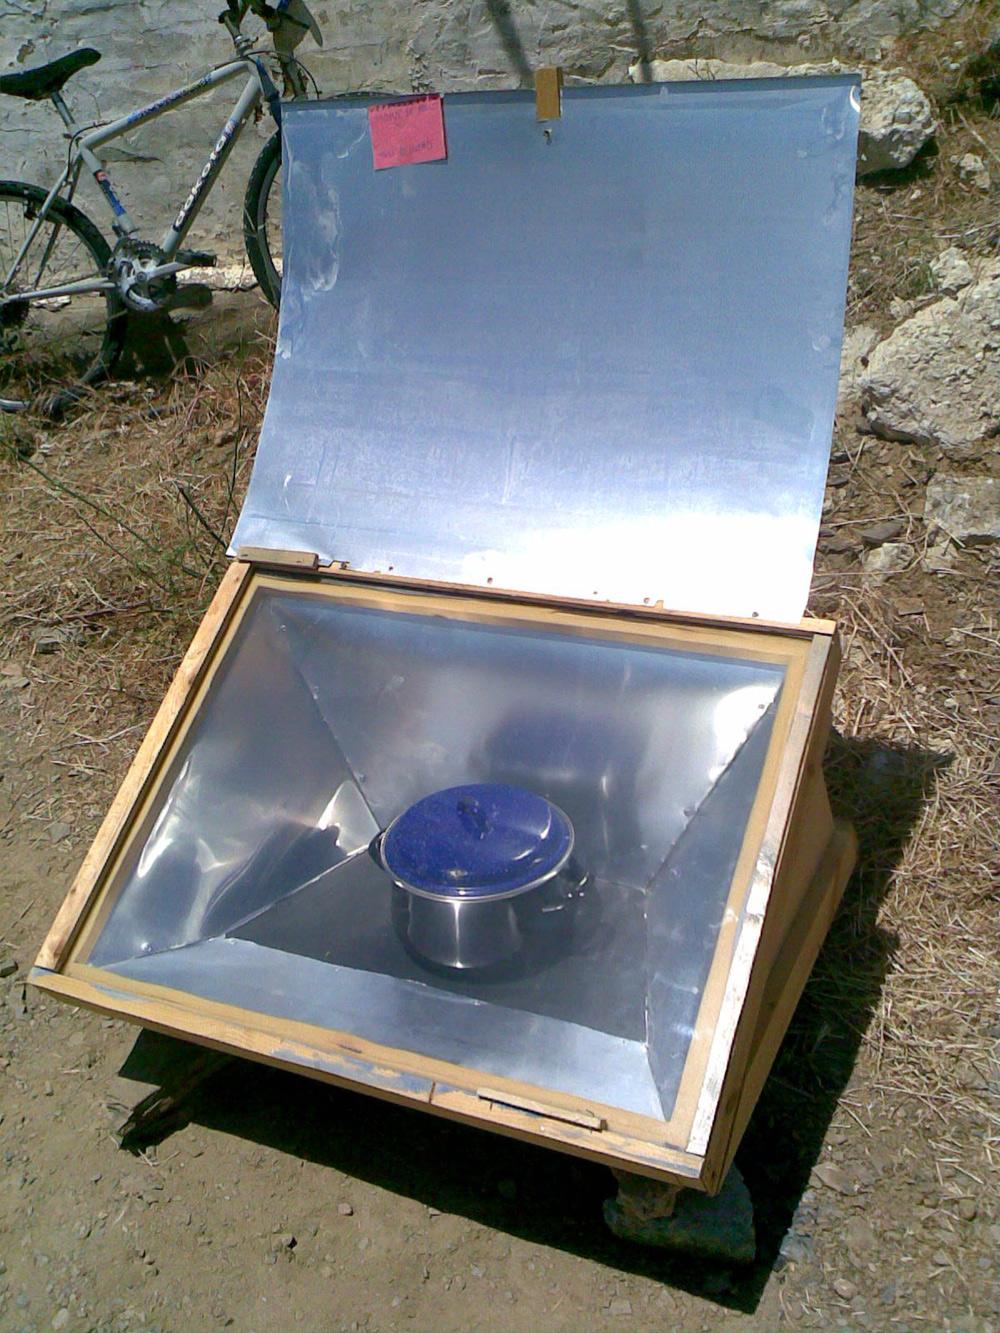 Basurillas blog archive cocina y horno solar for Planos para construir una cocina solar